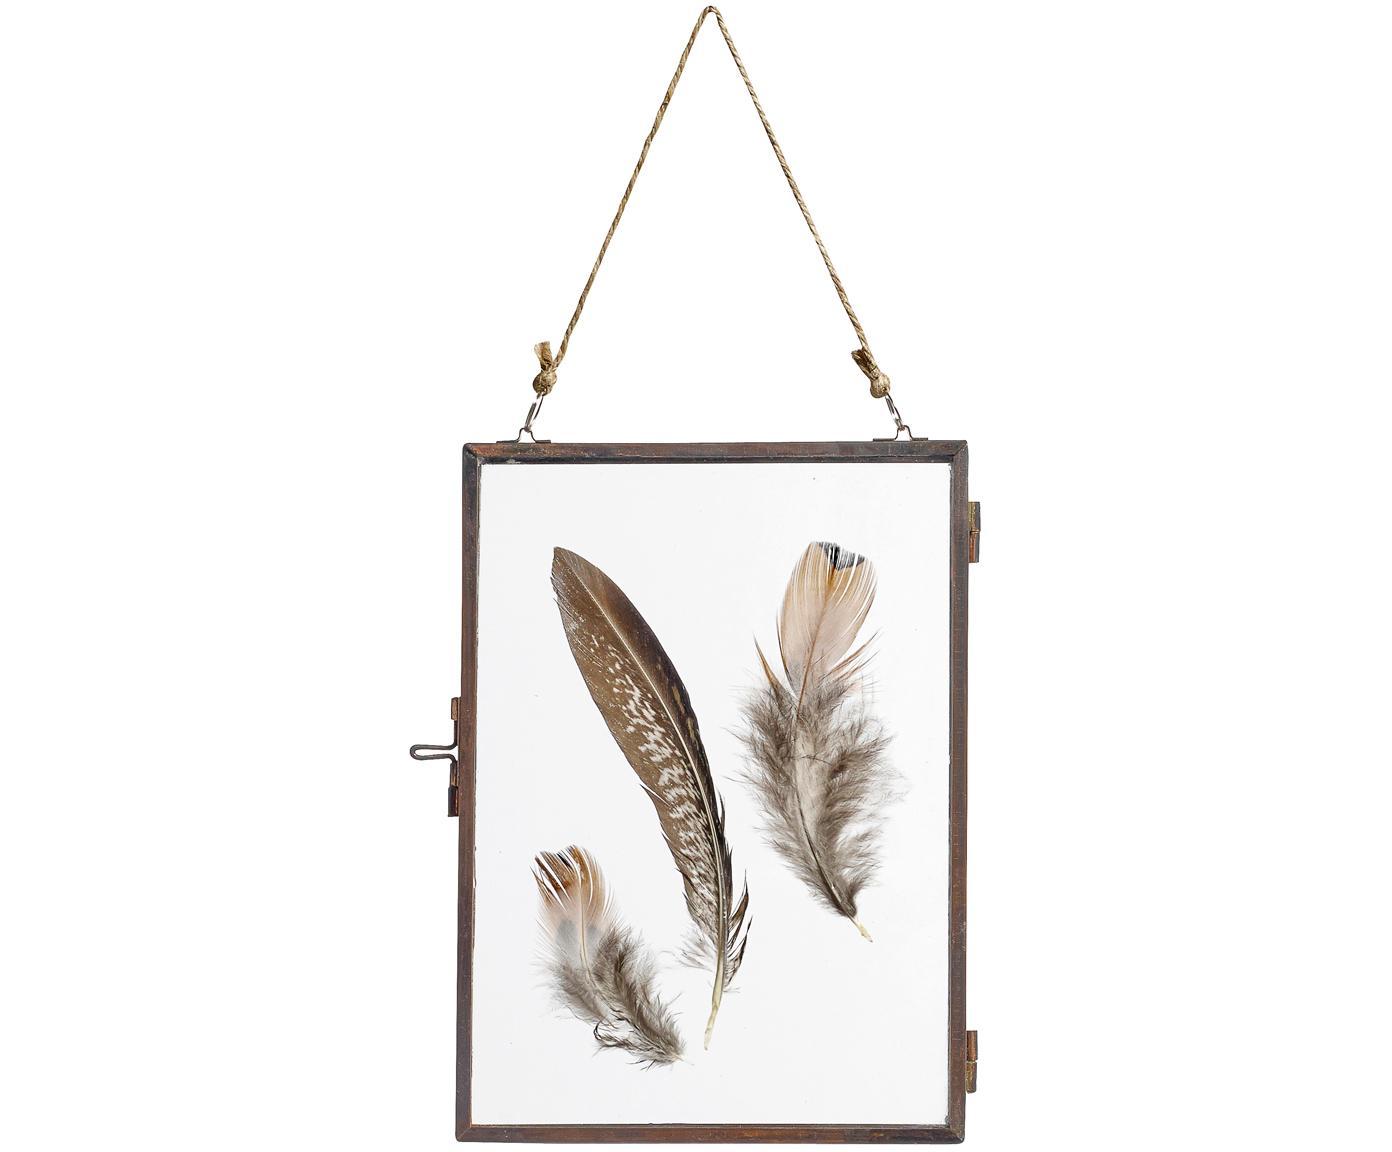 Ramka na zdjęcia Pioros, Miedź, transparentny, S 13 x D 18 cm